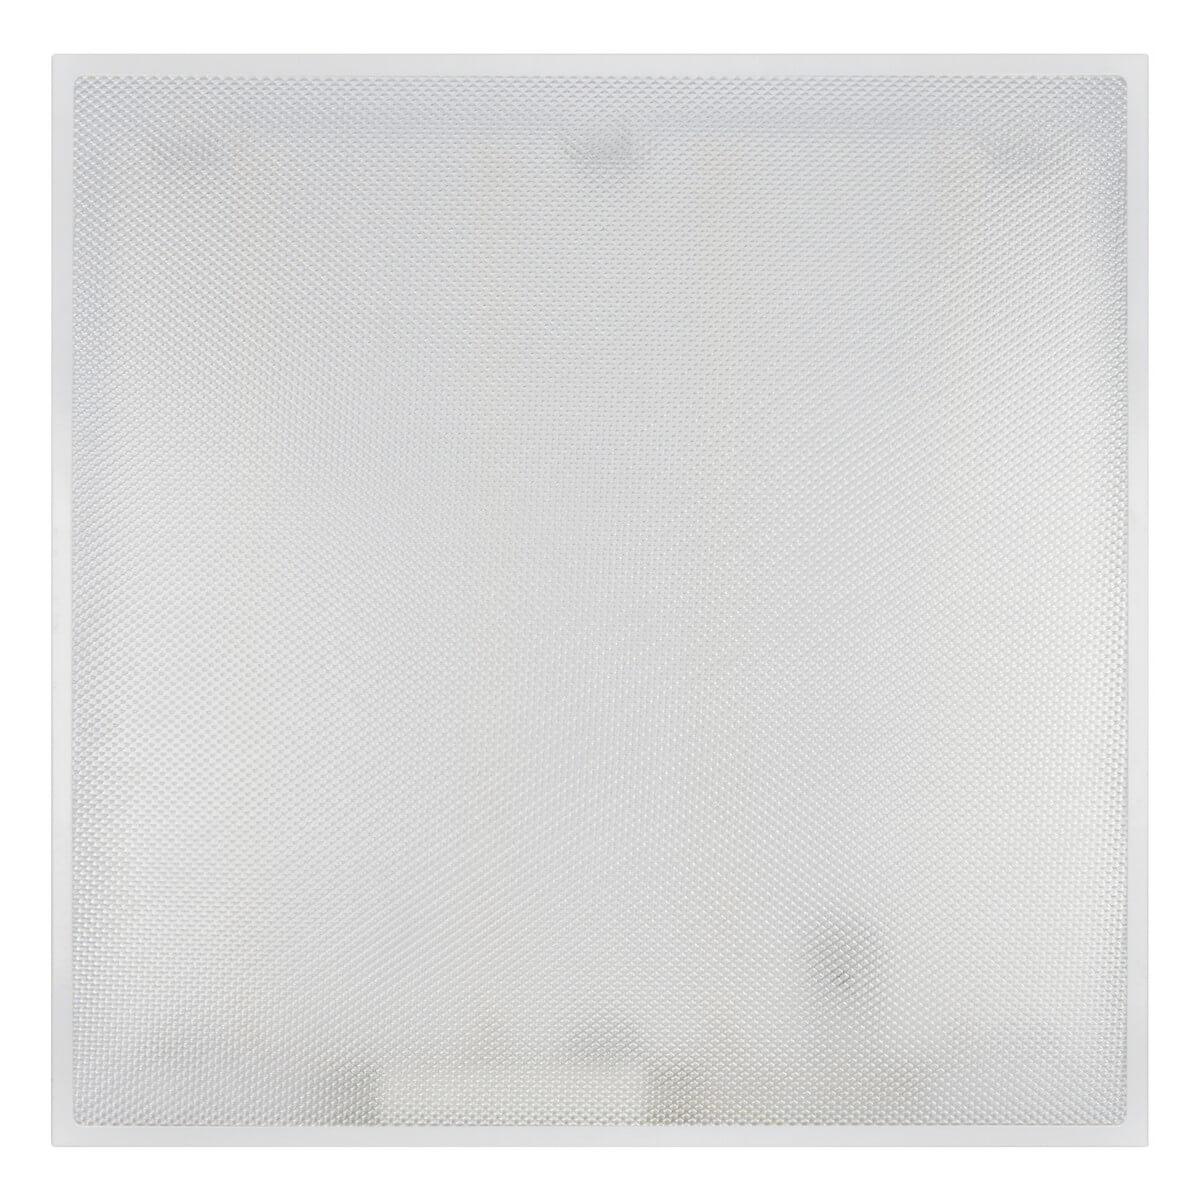 Светильник Uniel ULP-6060 36W/4000К IP54 Medical White (3 в 1 (подвесной и потолочный, встраиваемый))